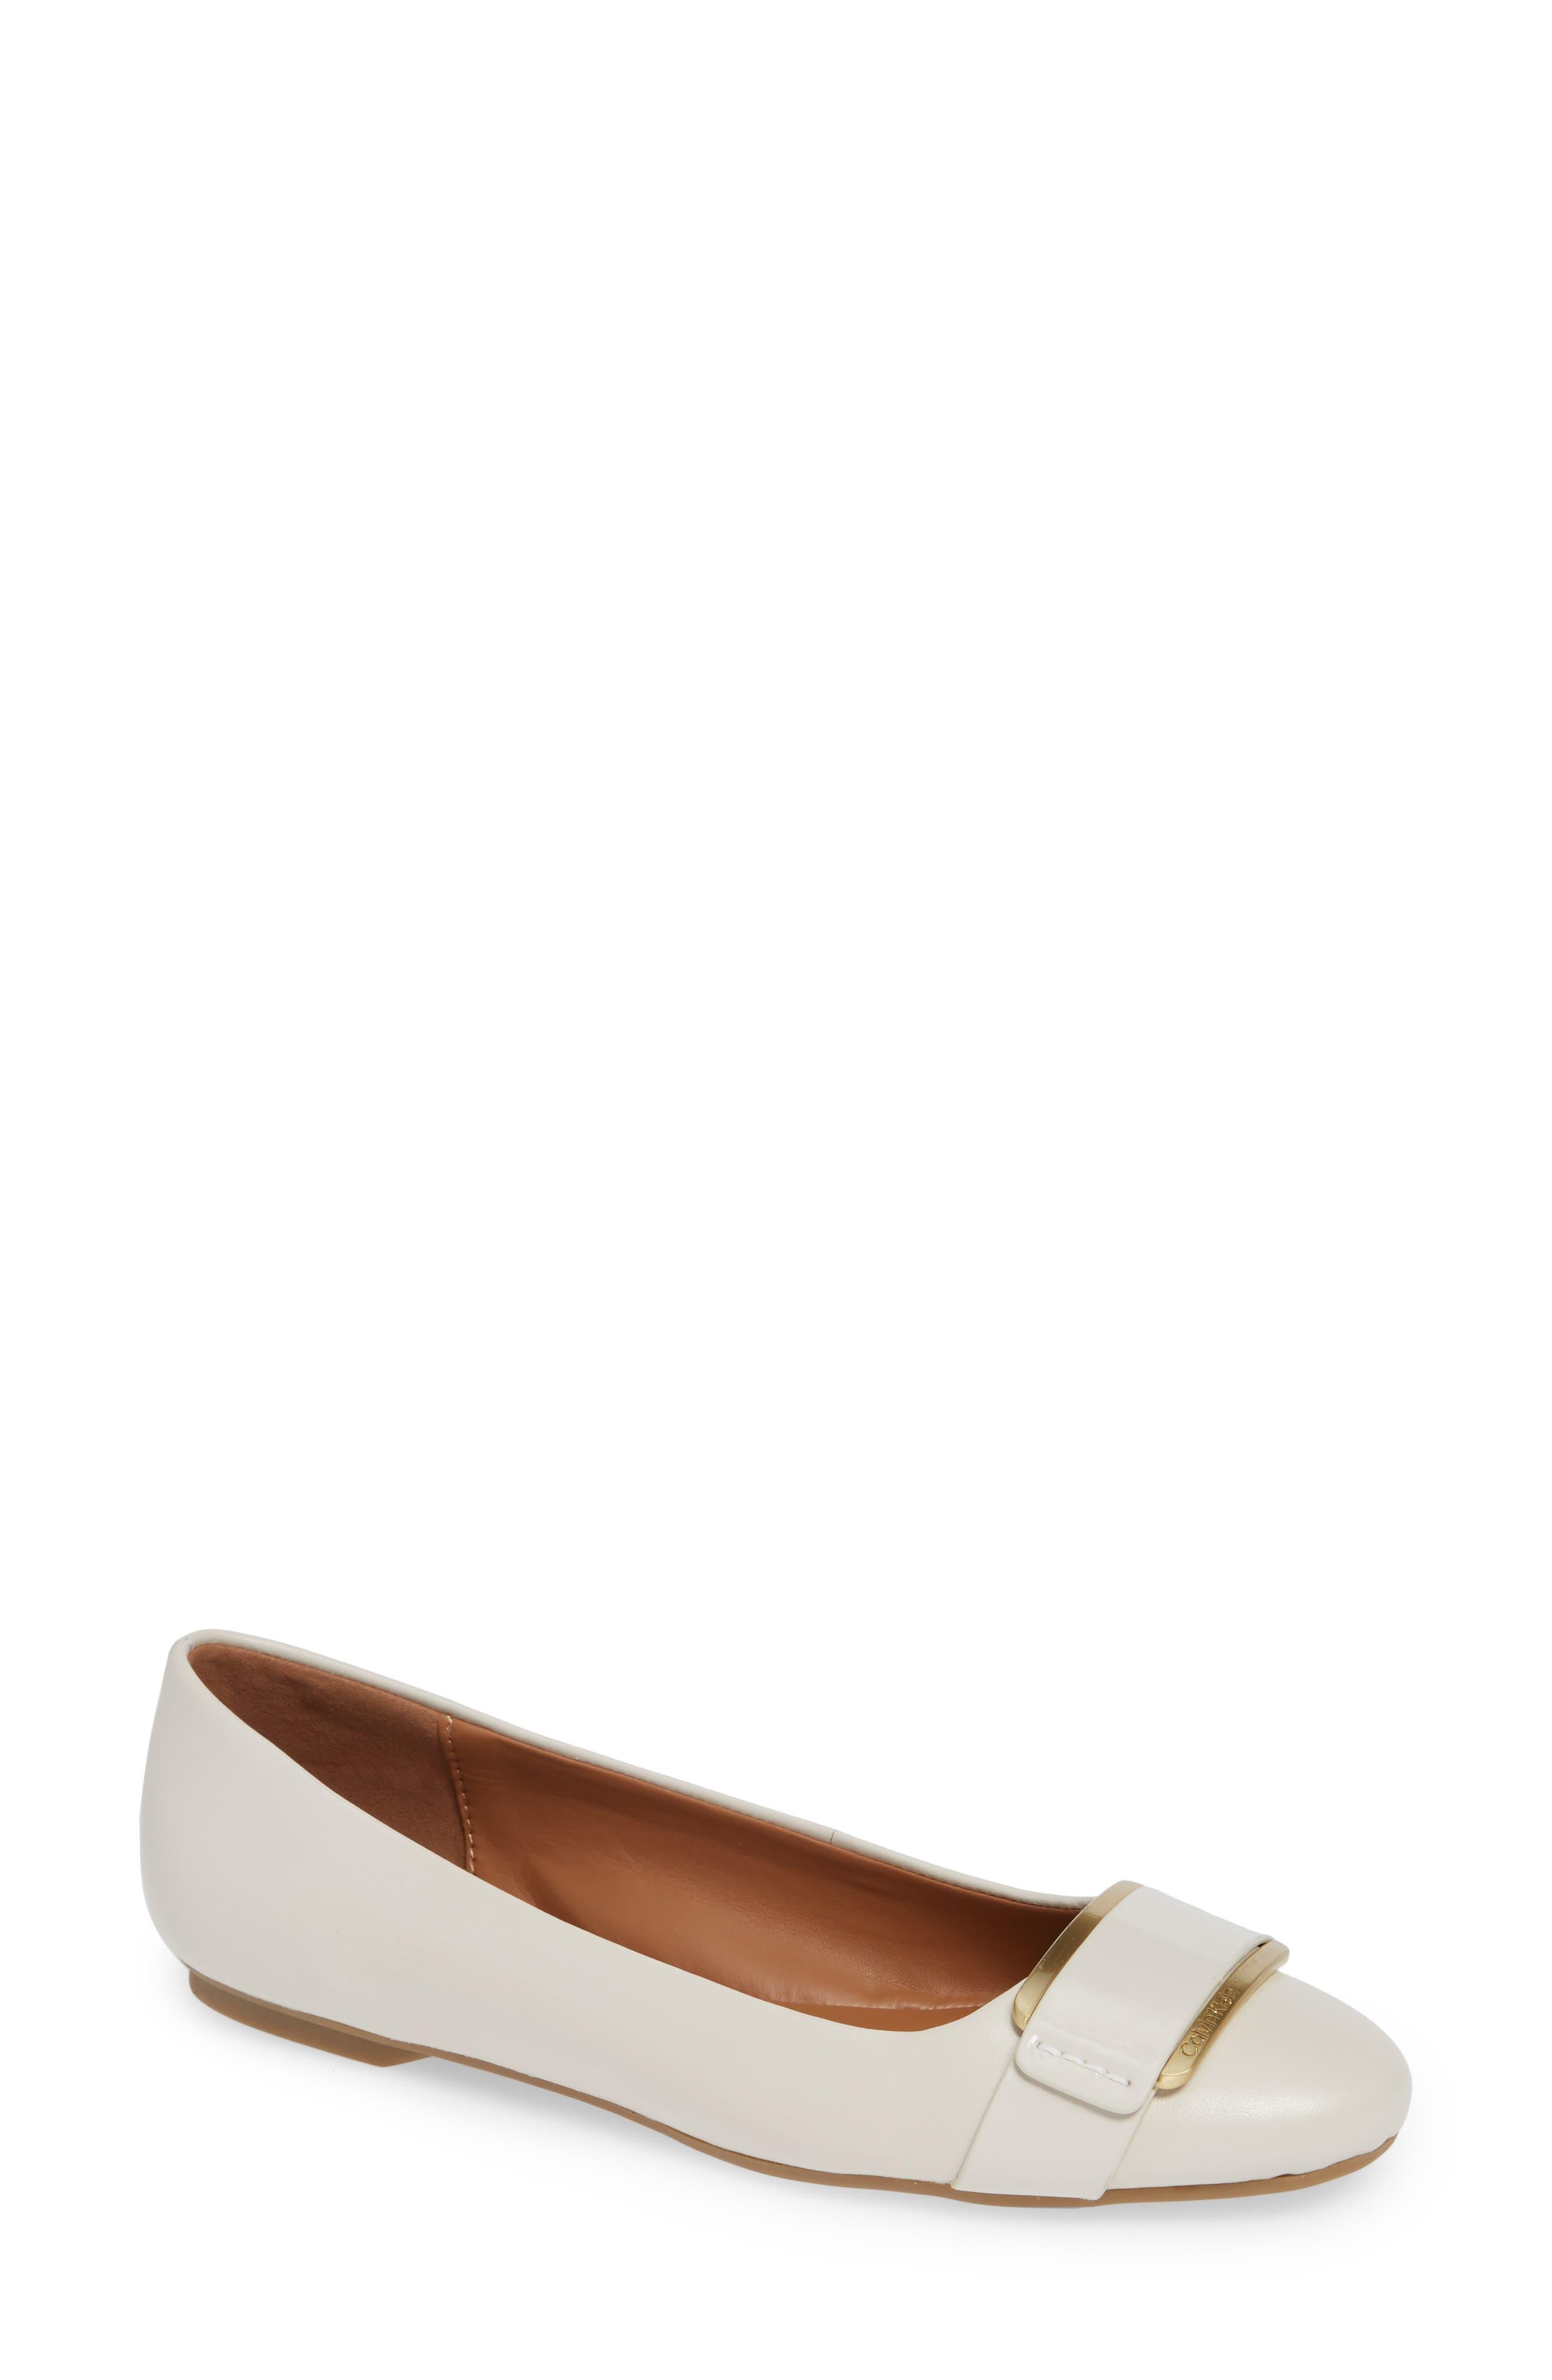 Calvin Klein Oneta Ballet Flat, White